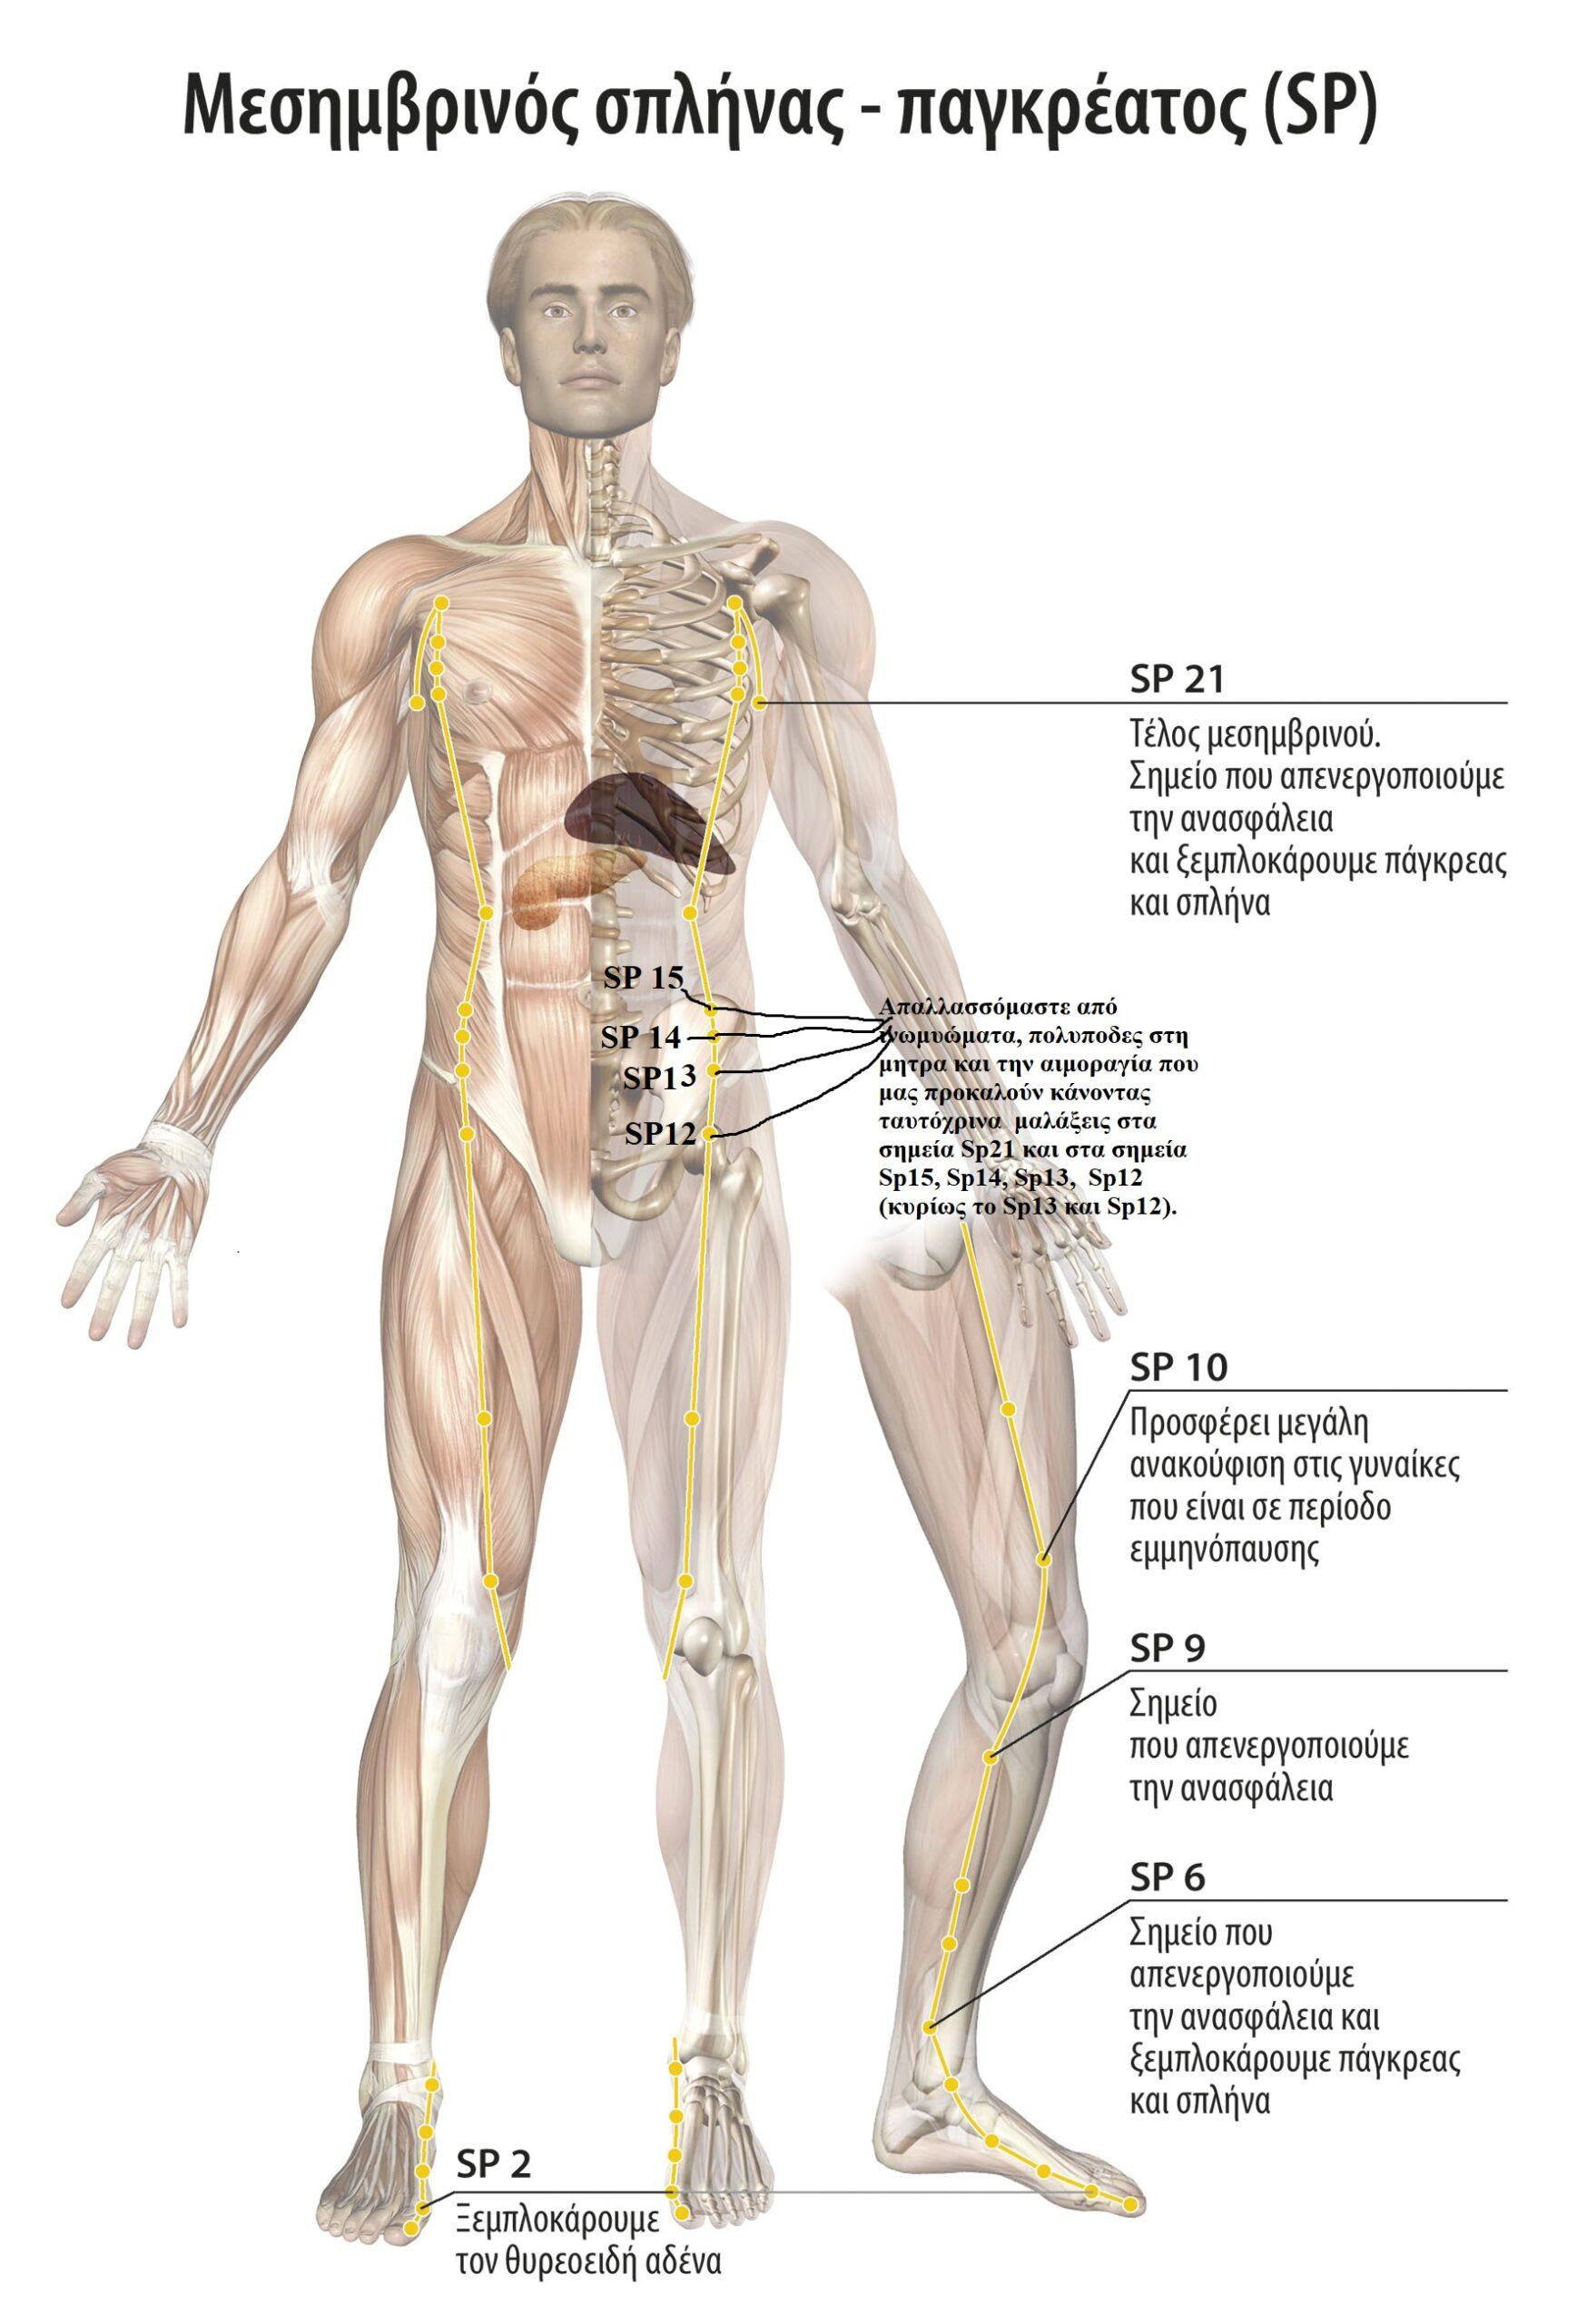 Αυτοθεραπεία από ινομυώματα και την αιμοραγία που προκαλούν, καθώς μετουσίωση συναισθηματικού βάρους σε χαρά ξεμπλοκάροντας τον μεσημβρινό  της σκπλήνας πάγκρεας και λεπτού εντέρου 2